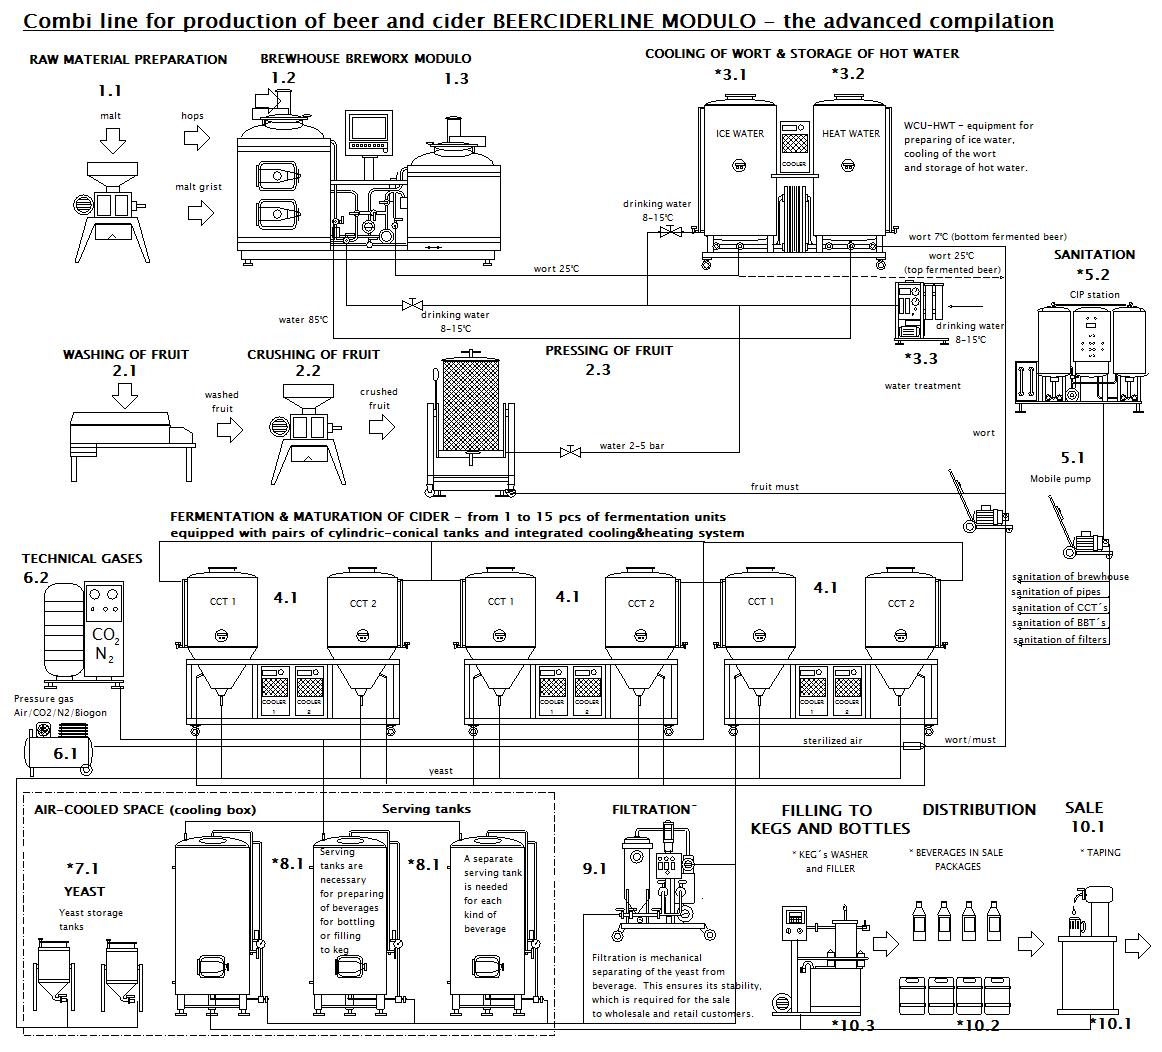 BeerCiderLine Modulo - technical scheme